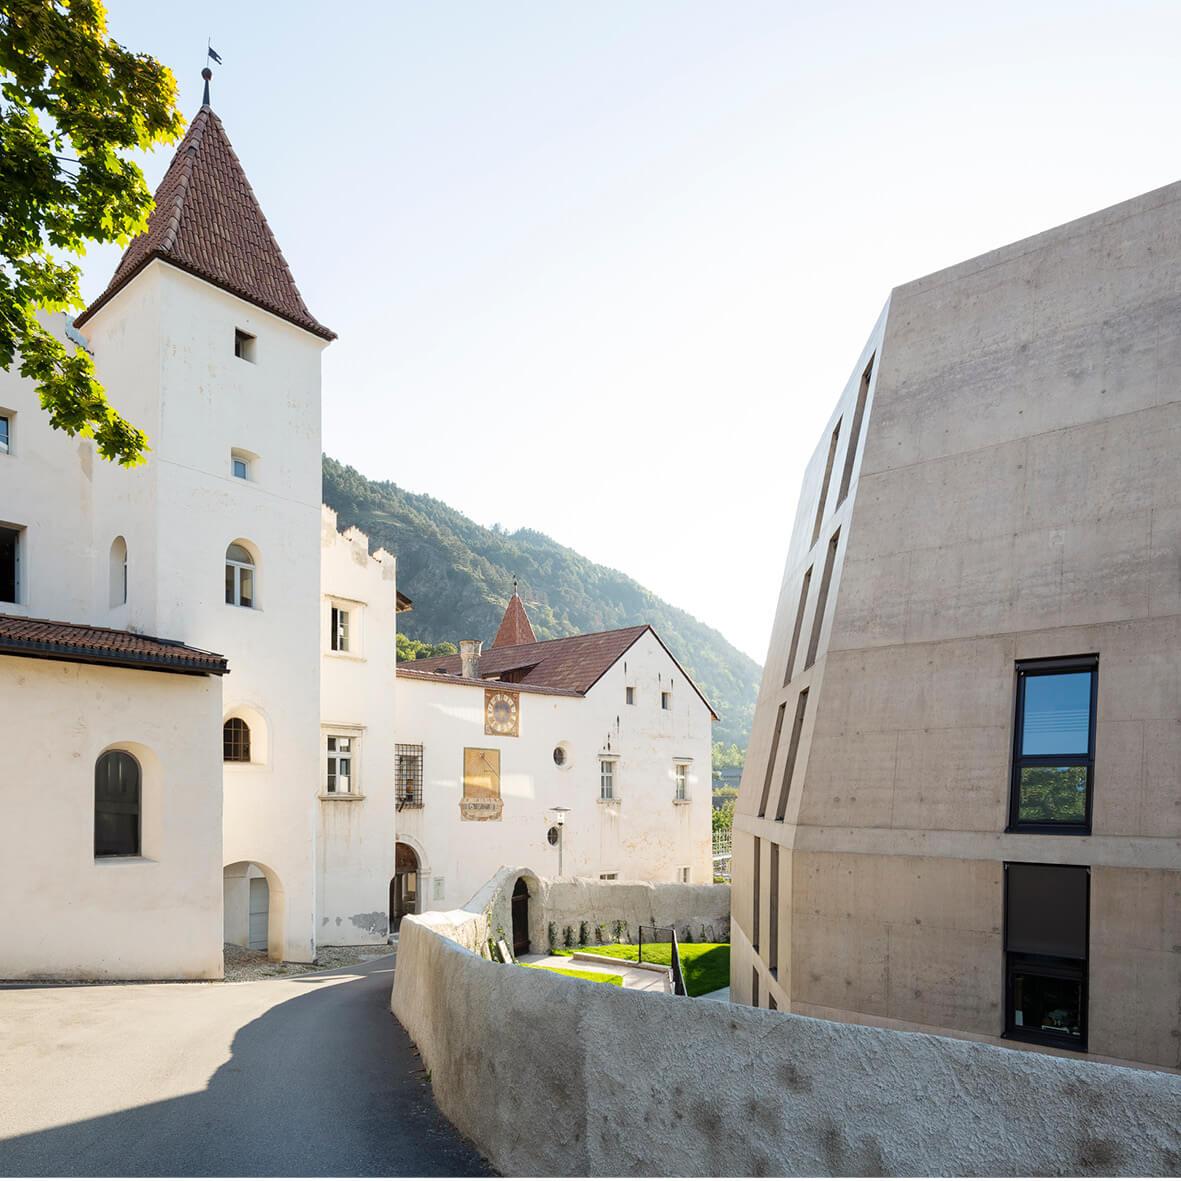 Schlossgarten 8